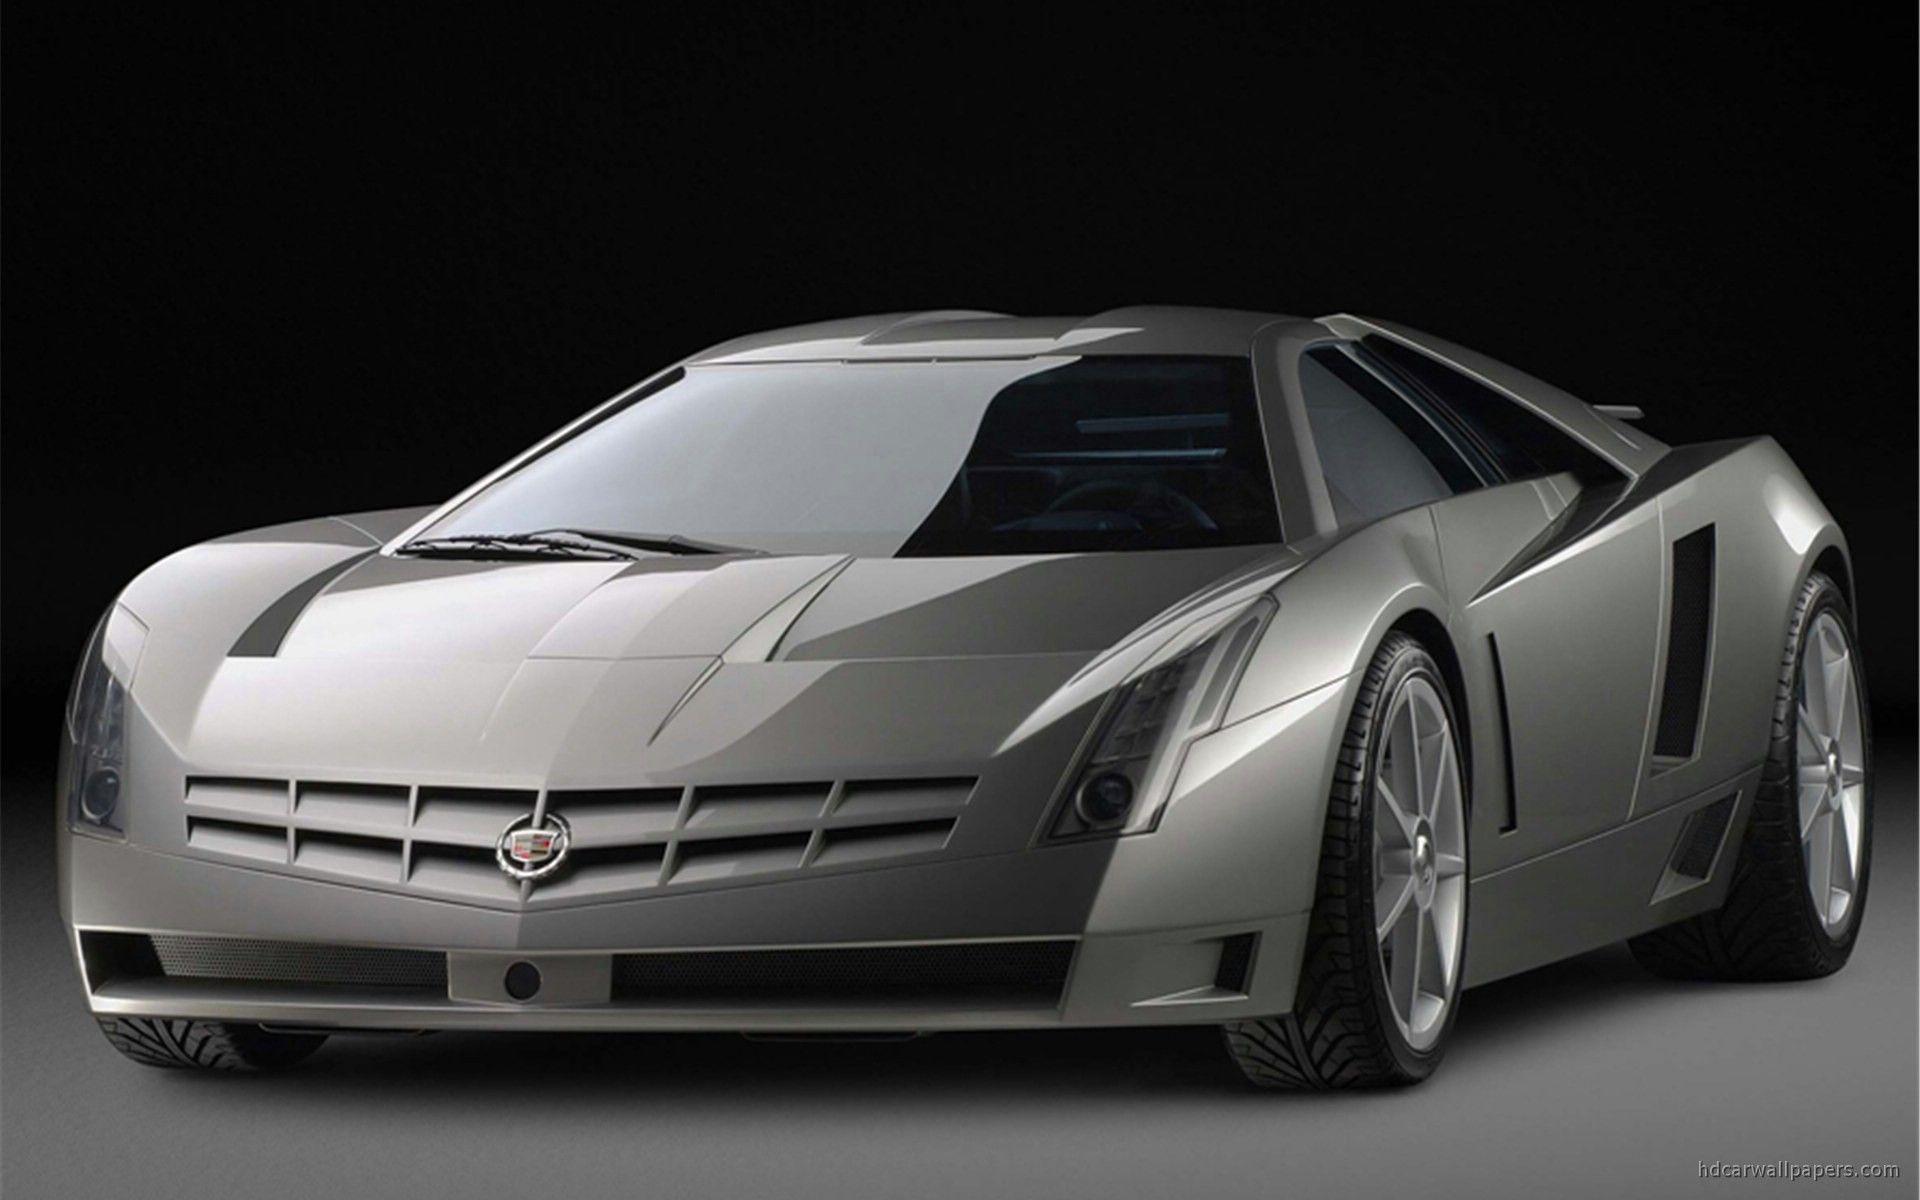 cadillac concept cars | cadillac evoq concept wallpaper | hd car